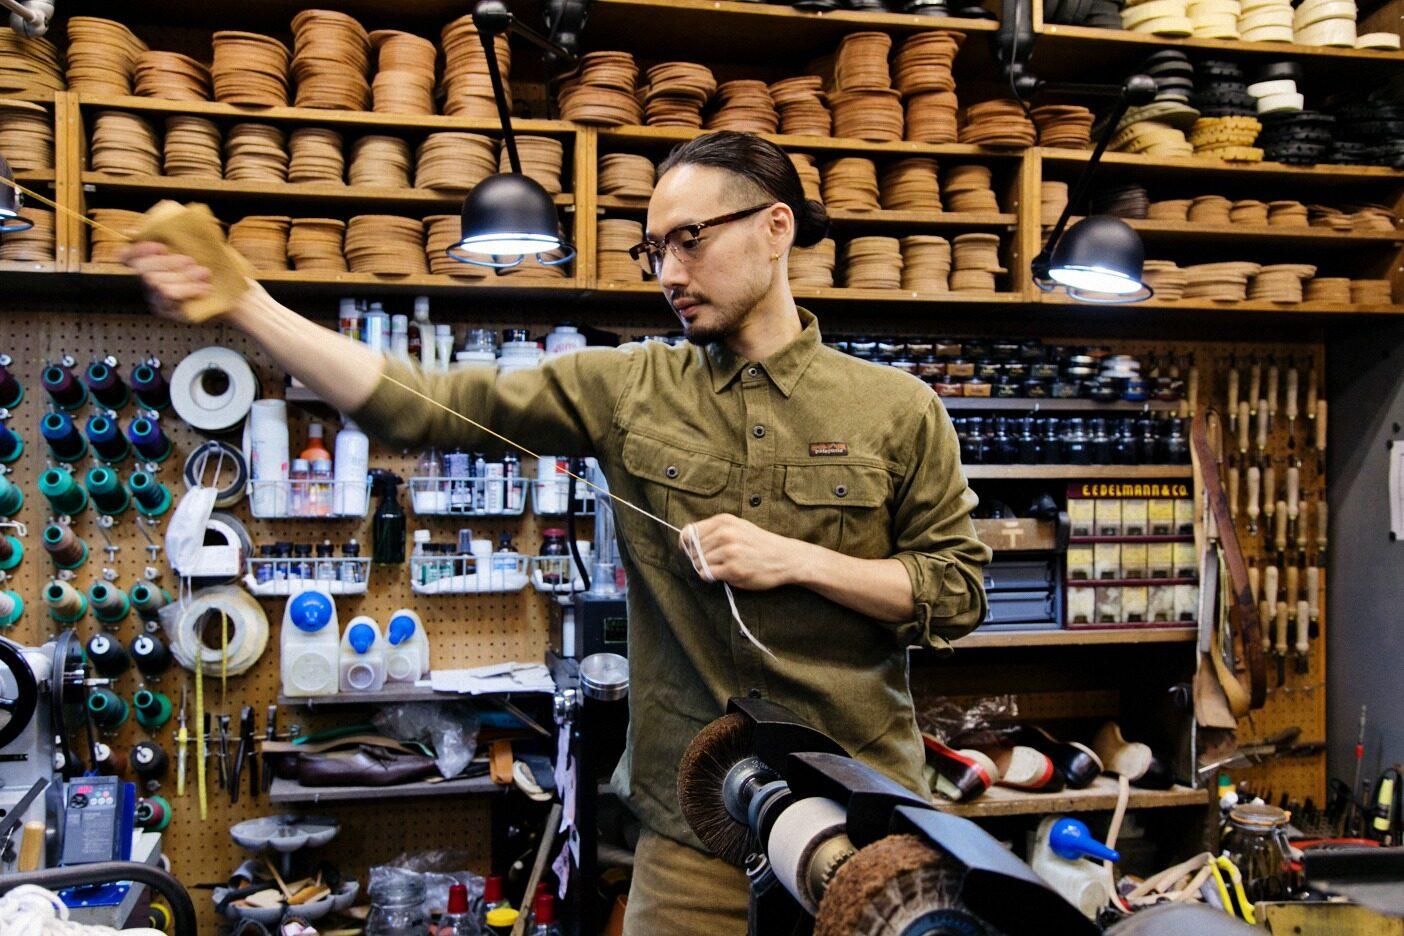 修理する靴に合わせ、麻糸を縒って松ヤニを塗った手製糸を作るところから作業が始まる。写真:五十嵐 一晴